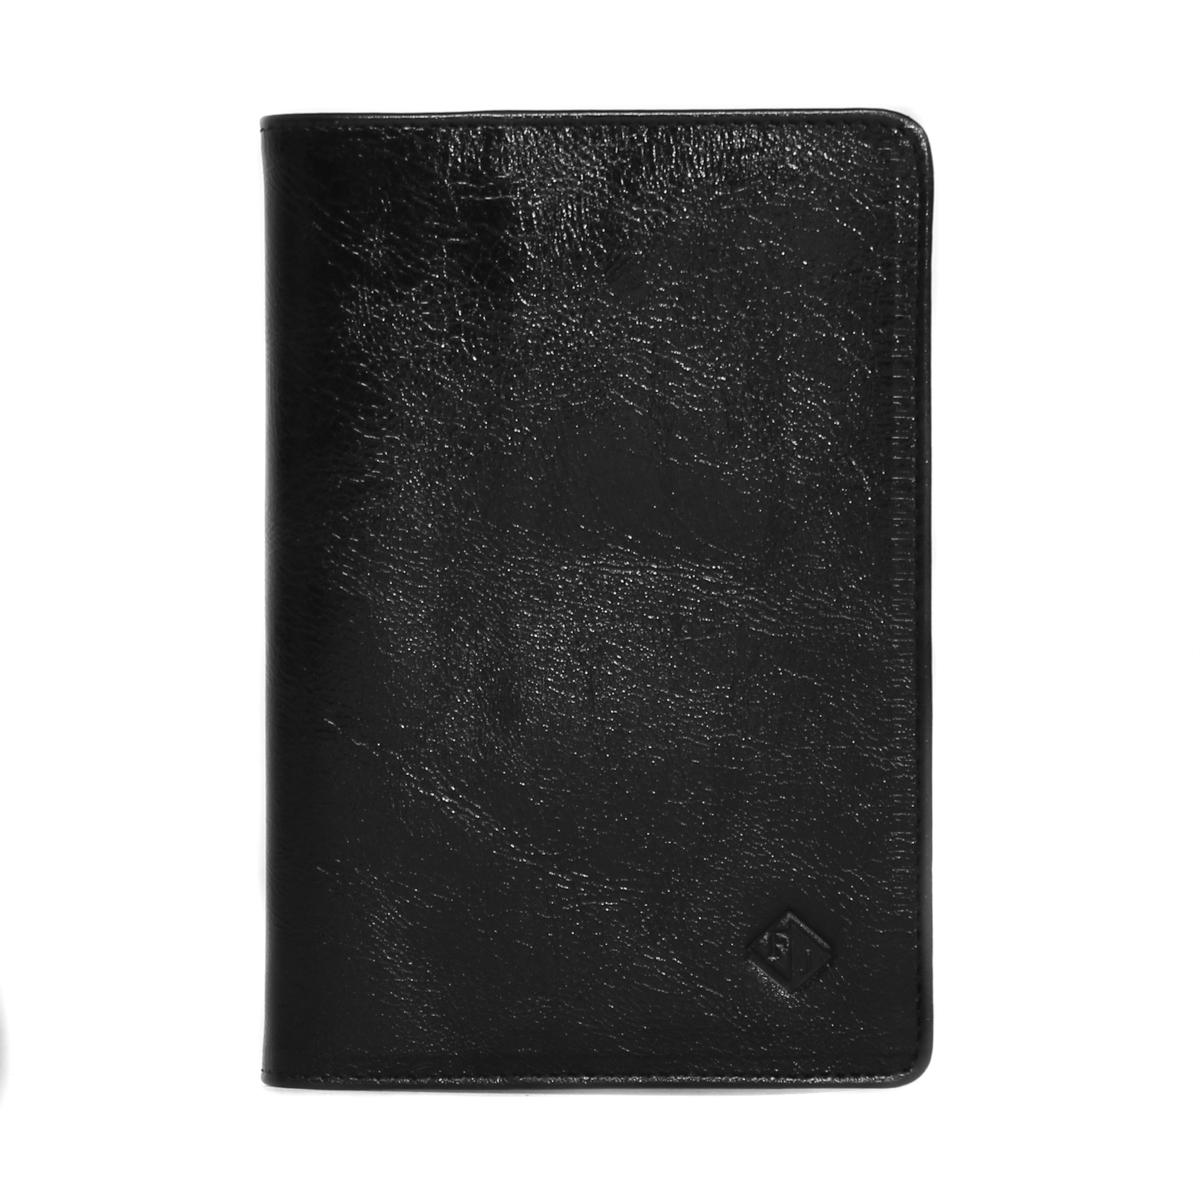 Обложка для паспорта Flioraj, цвет: черный. 00051113KW064-000287Обложка для паспорта Flioraj - удобная и практичная обложка для документов.